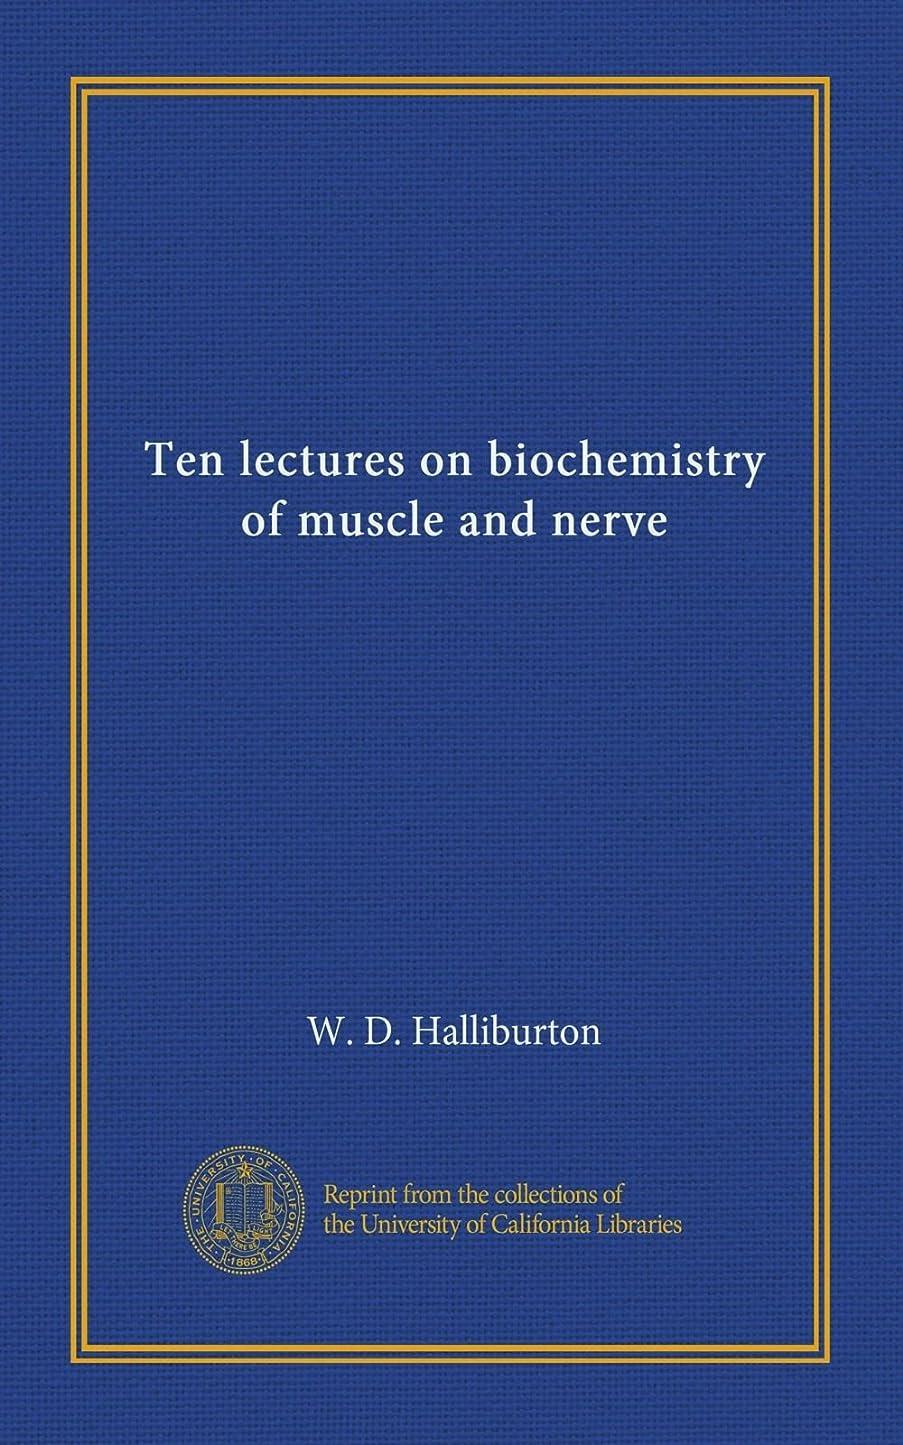 気配りのあるディプロマからに変化するTen lectures on biochemistry of muscle and nerve